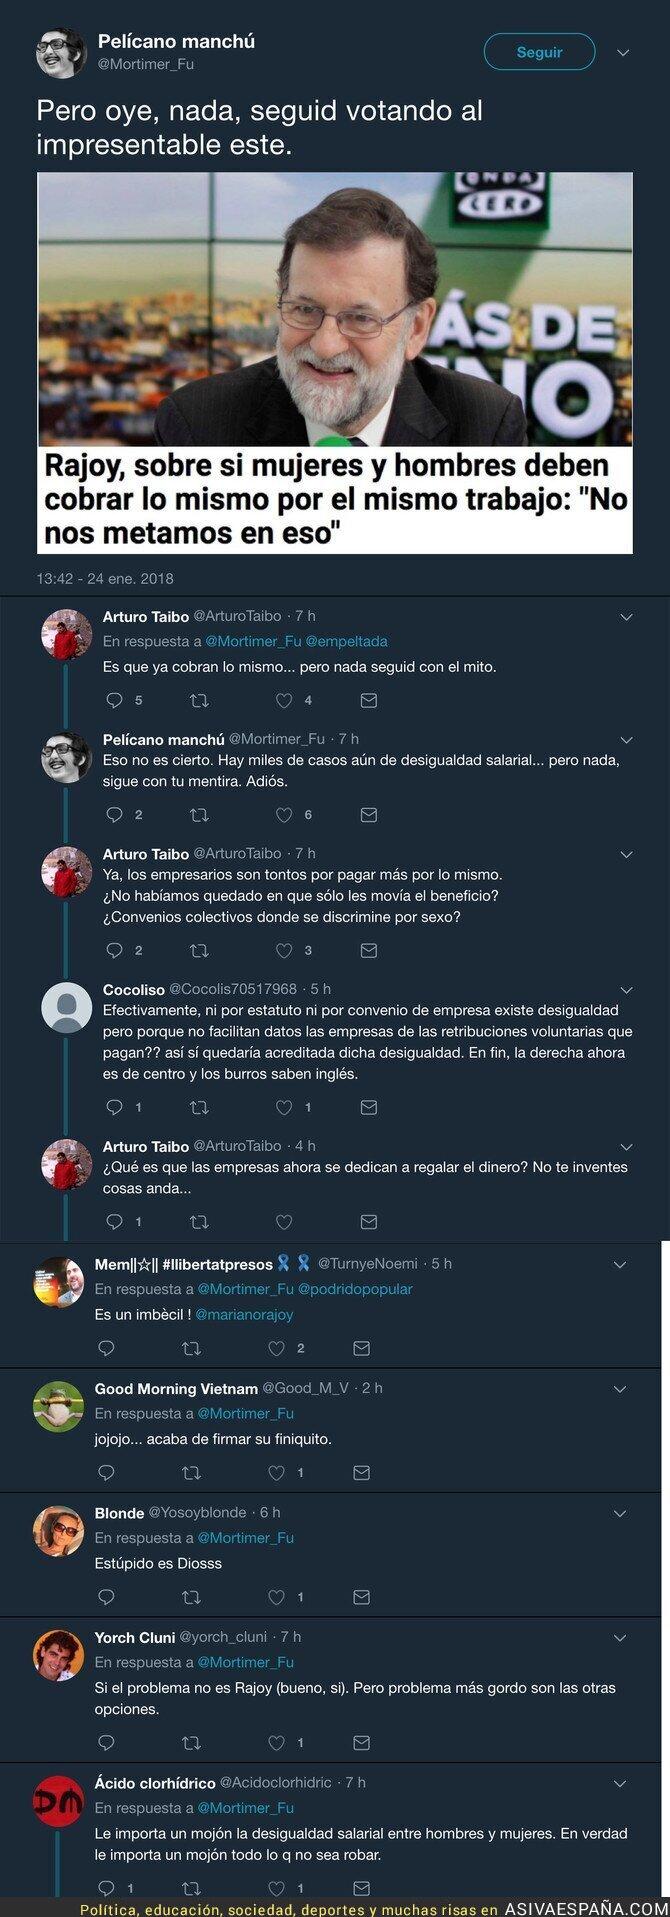 81881 - La polémica frase de Rajoy sobre el salario de las mujeres que está haciendo arder internet